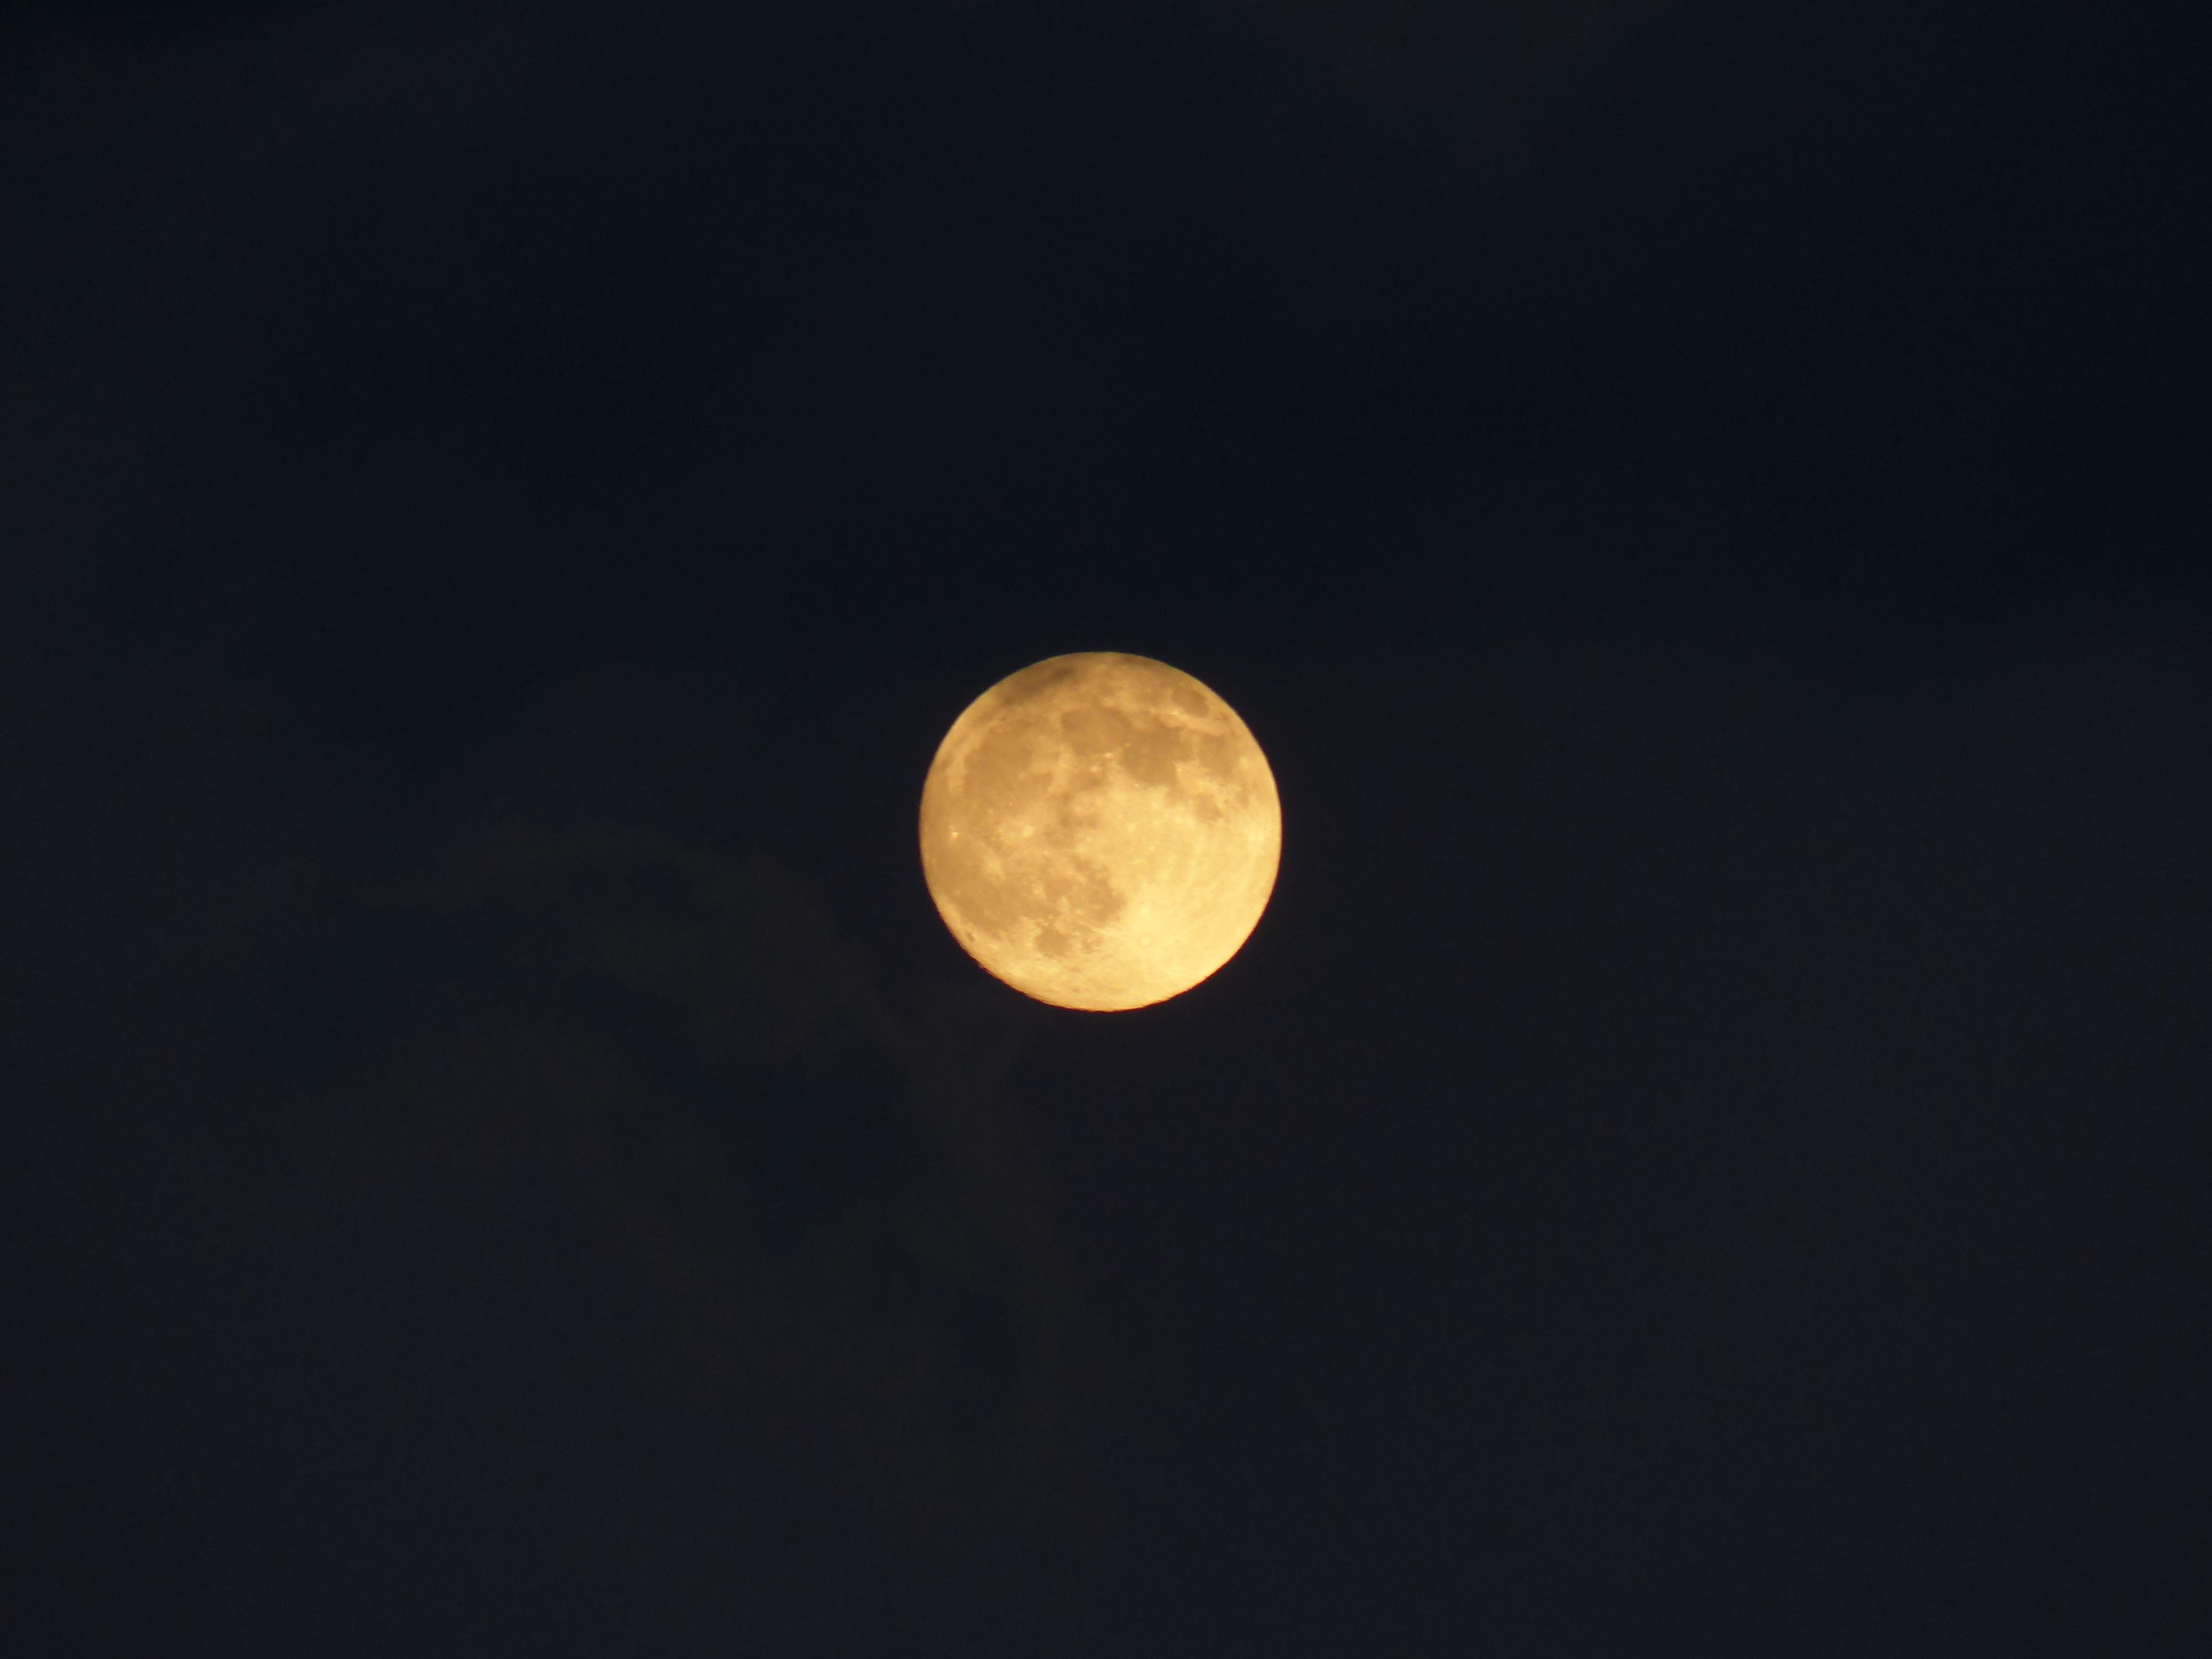 Exceptionnel Images Gratuites : ciel, nuit, atmosphère, mystique, pleine lune  RQ63